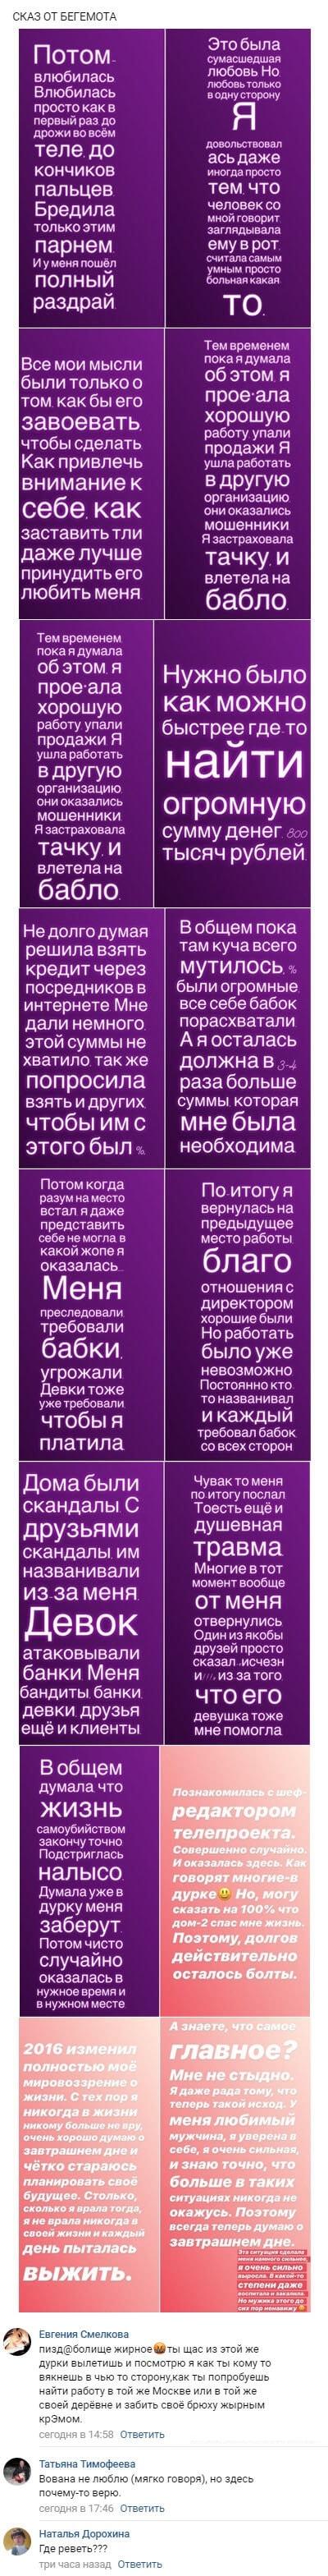 Александра Черно рассказала о печальной жизни до проекта